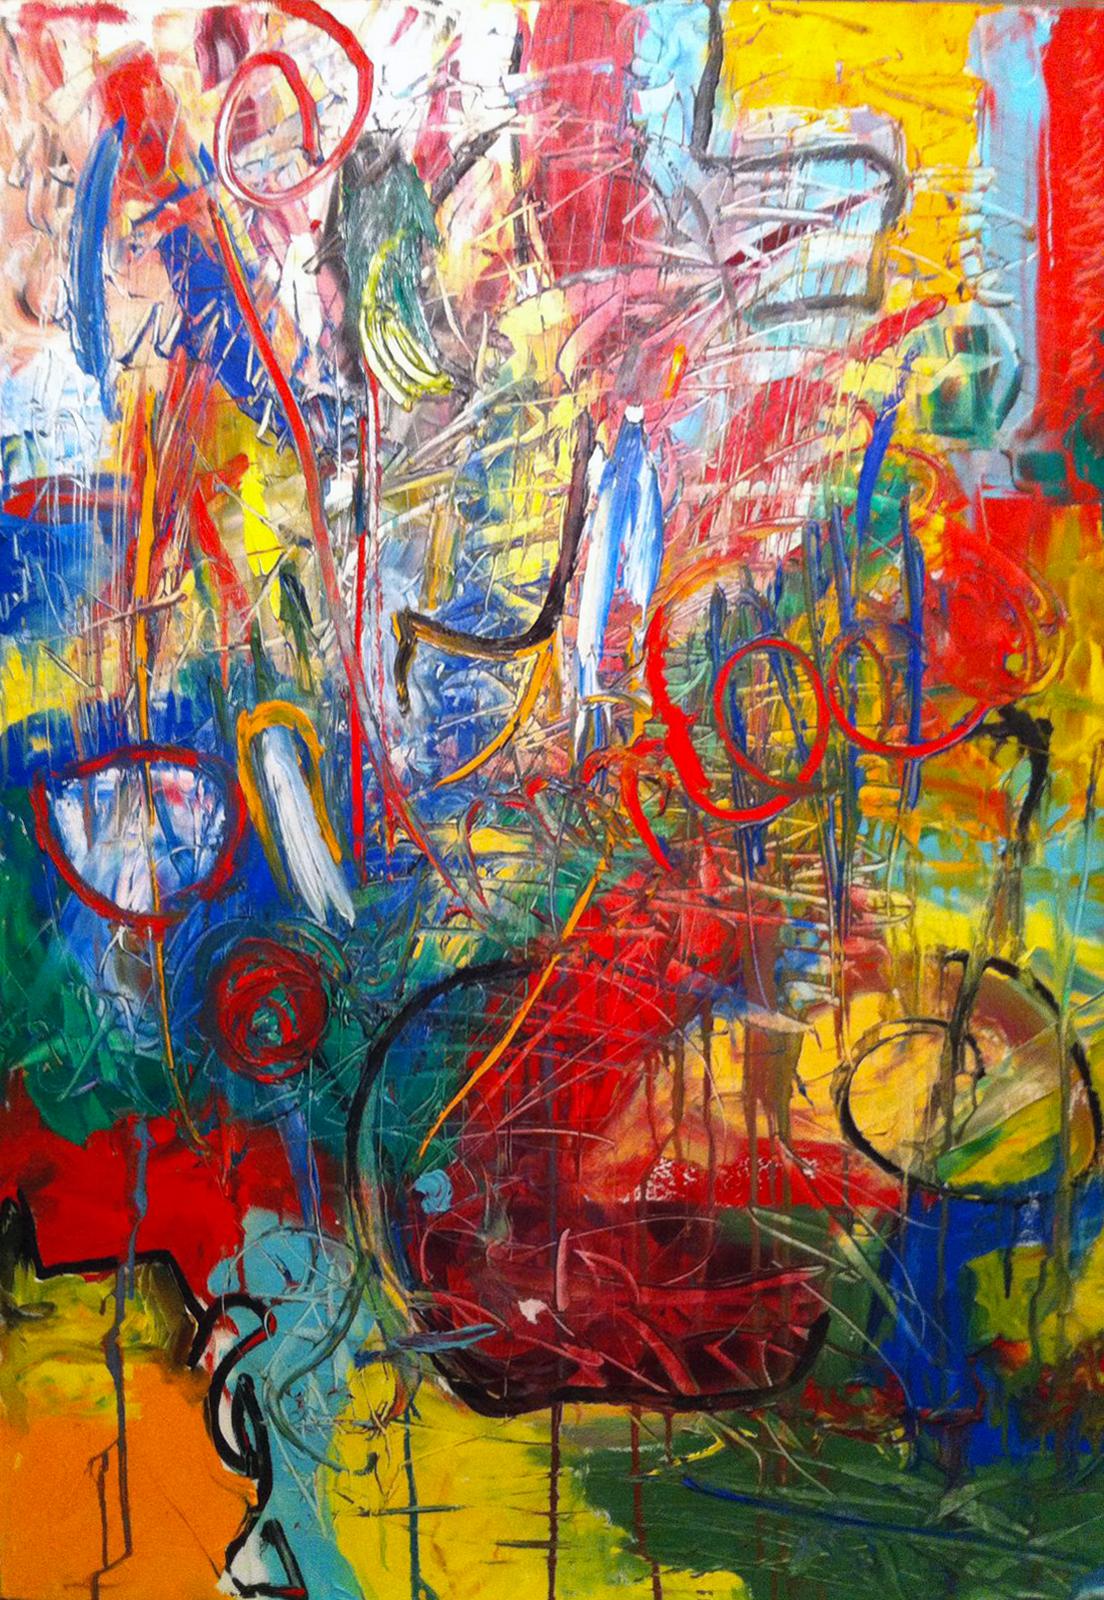 80x100, Astrattismo,Colori,Italia,Italiano,Materico,Michele Sollazzo,Olio su Tela,Pittore,Pittura Astratta,Pittura Materica,Quadro